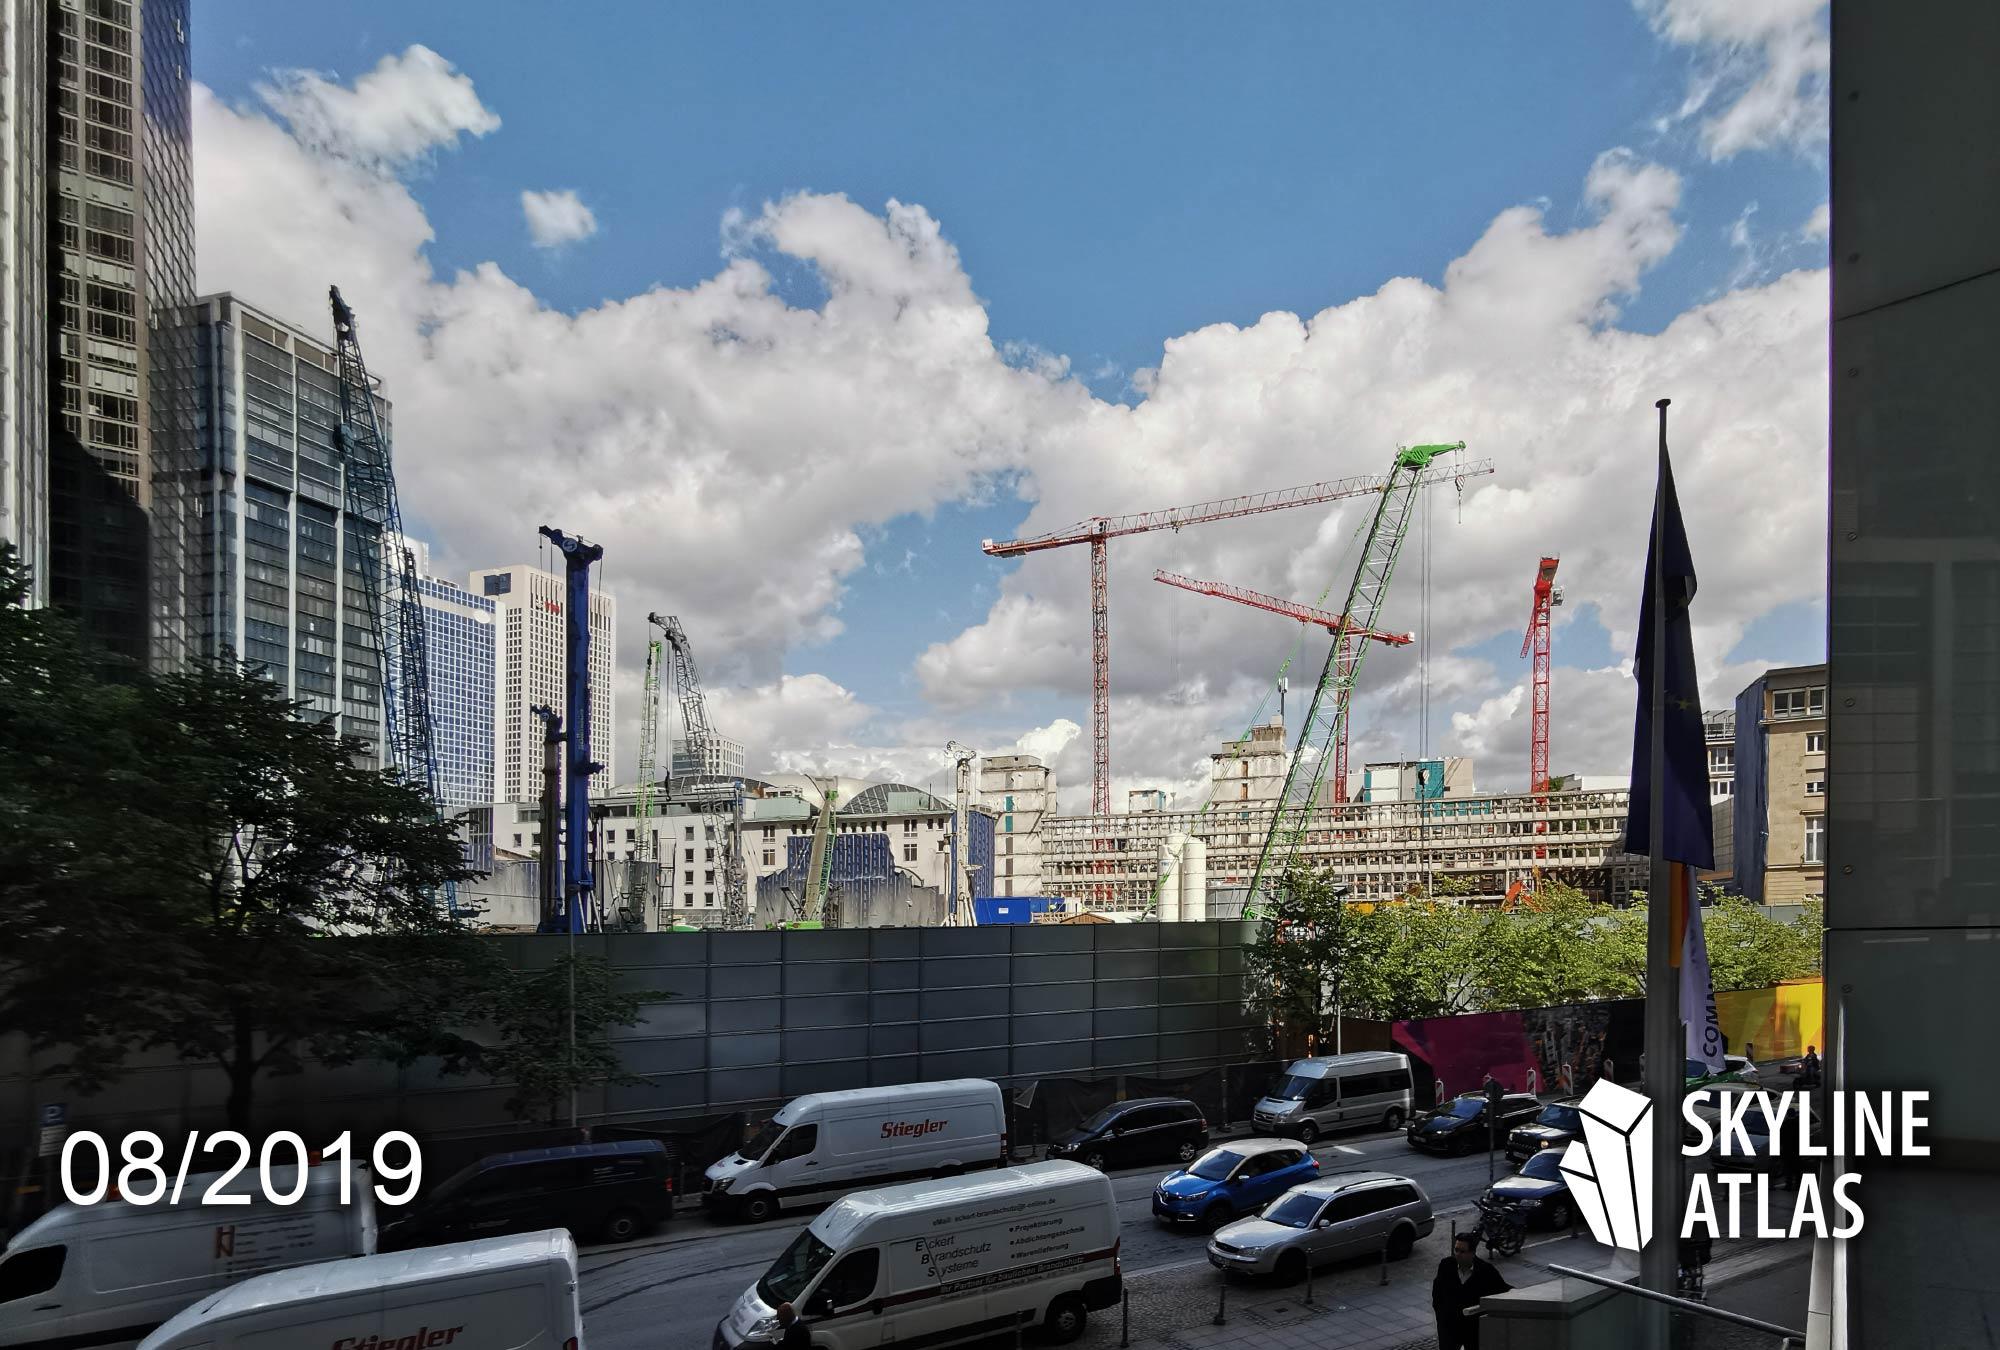 4Frankfurt - Baustelle von FOUR Frankfurt - Immobilienprojekt von Groß und Partner - Hochhäuser Bankenviertel im Bau - Wolkenkratzer-Baustelle im August 2019